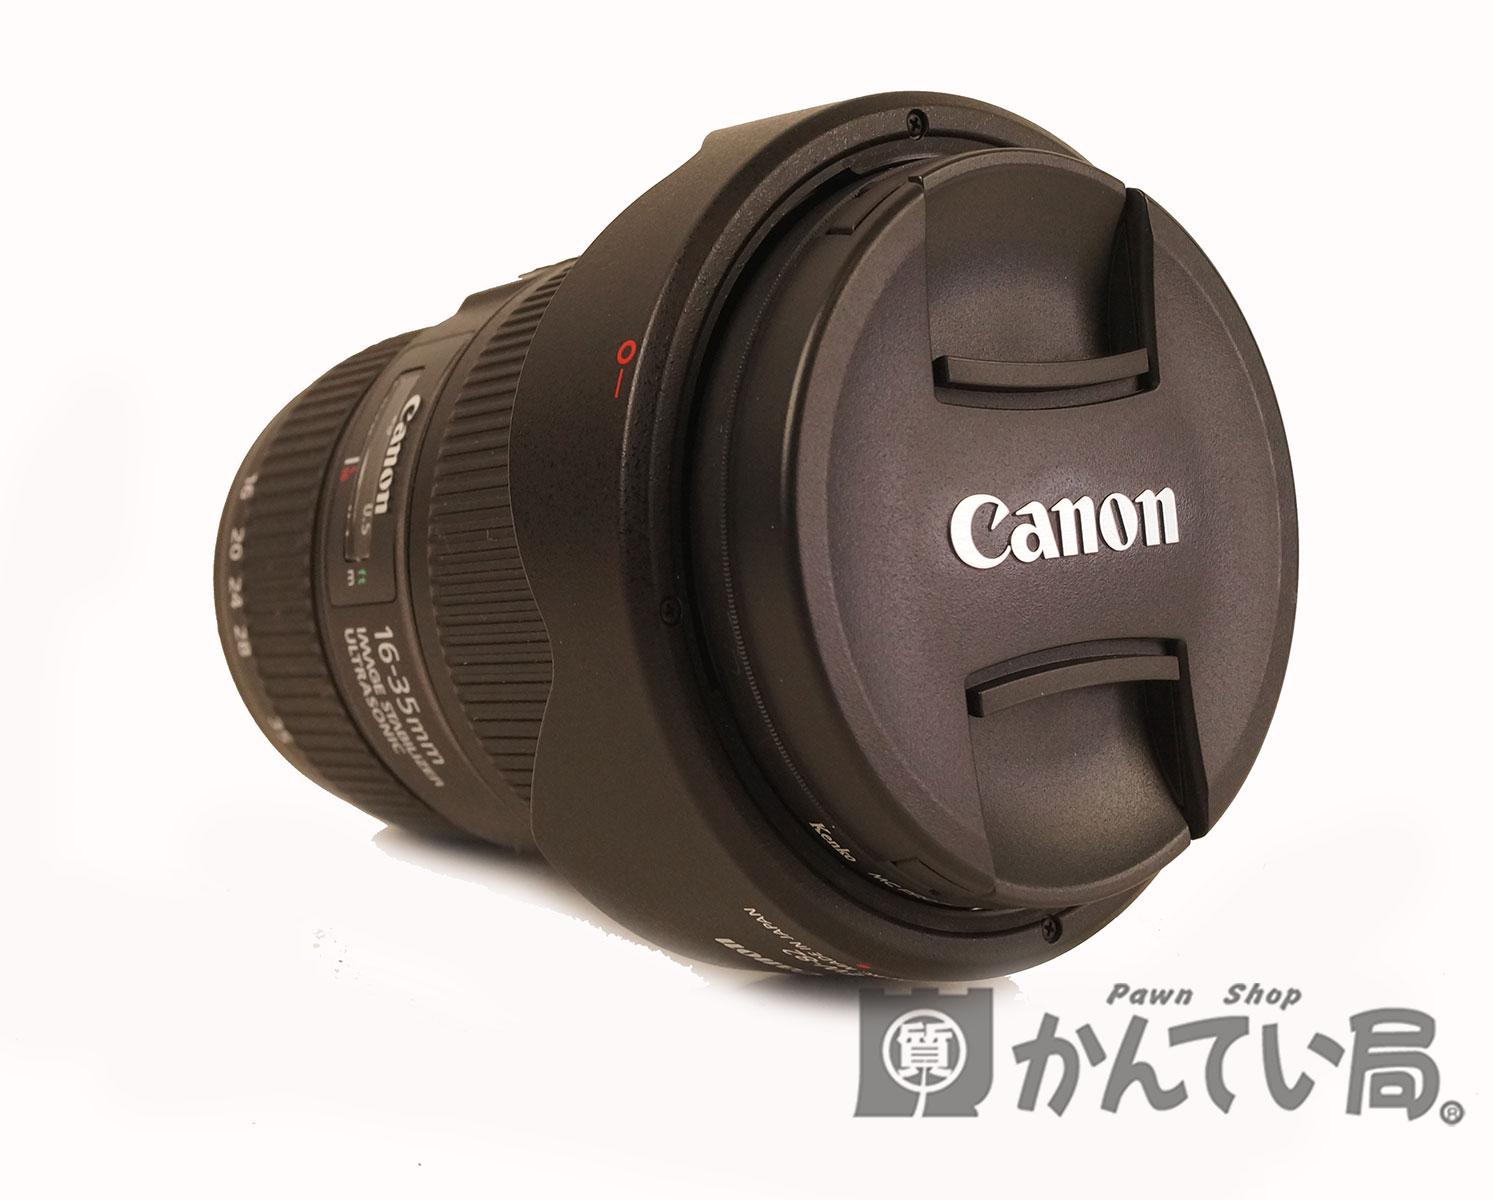 【Canon】キャノン ズームレンズ EF16-35mm EW-35 カメラレンズ 【中古】F68-4998 USED-A かんてい局本社